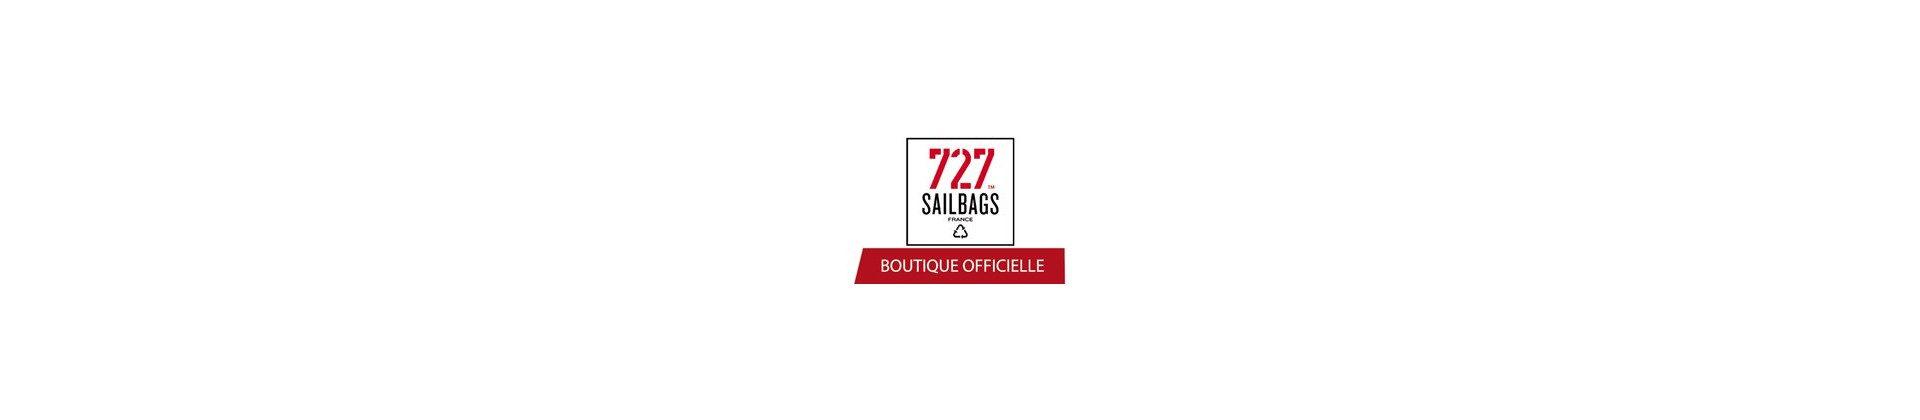 Boutique 727 Sailbags